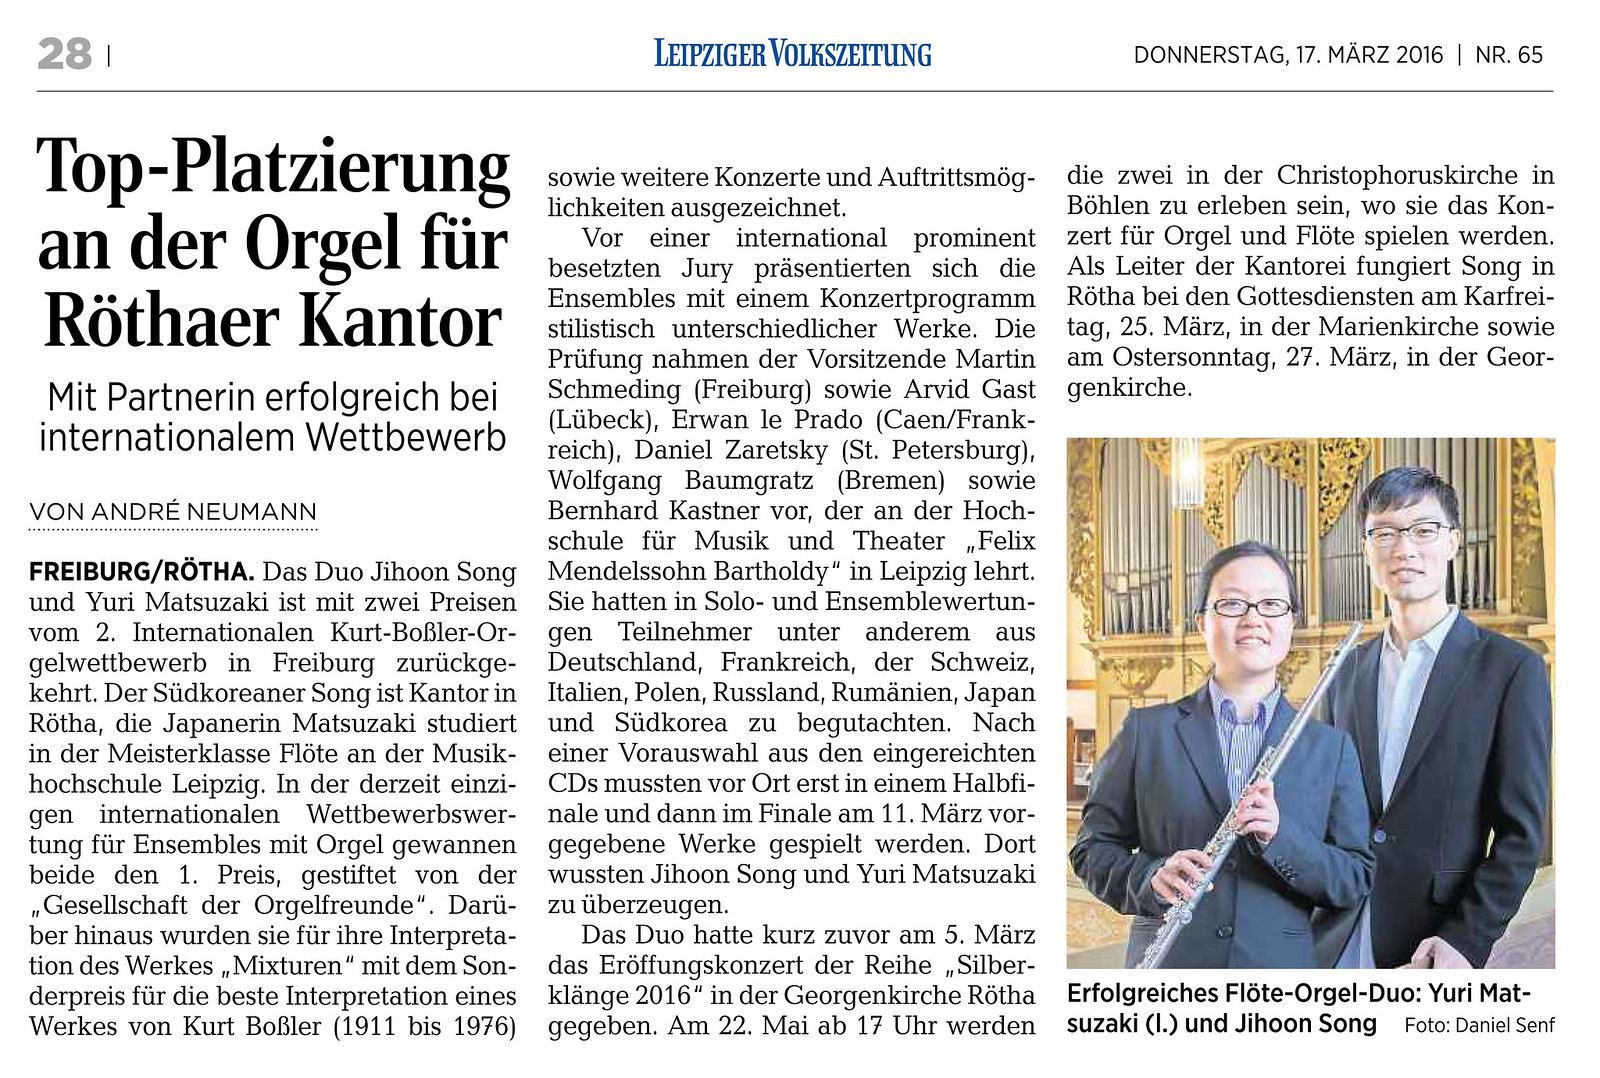 Leipziger Volkszeitung(LVZ), 17.3.2016